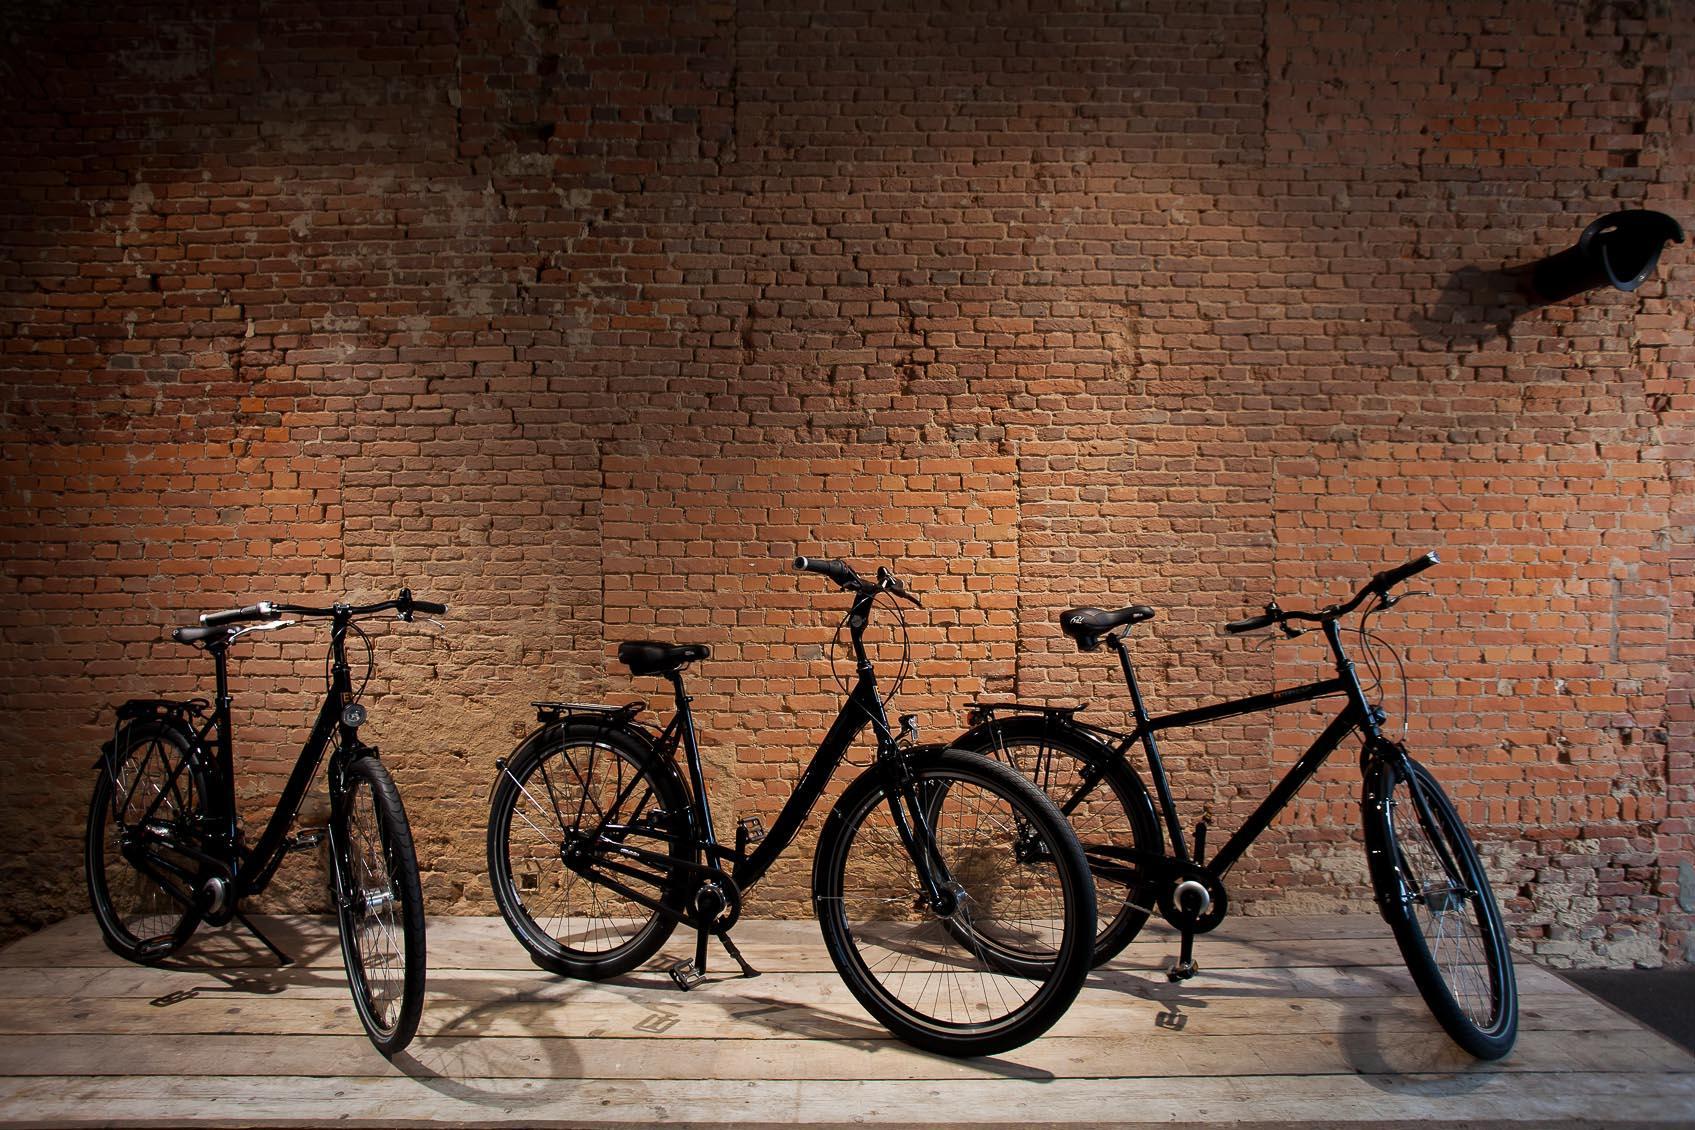 Verlichting geeft karakter aan bestaand pand verbouwing tot fietsen winkel